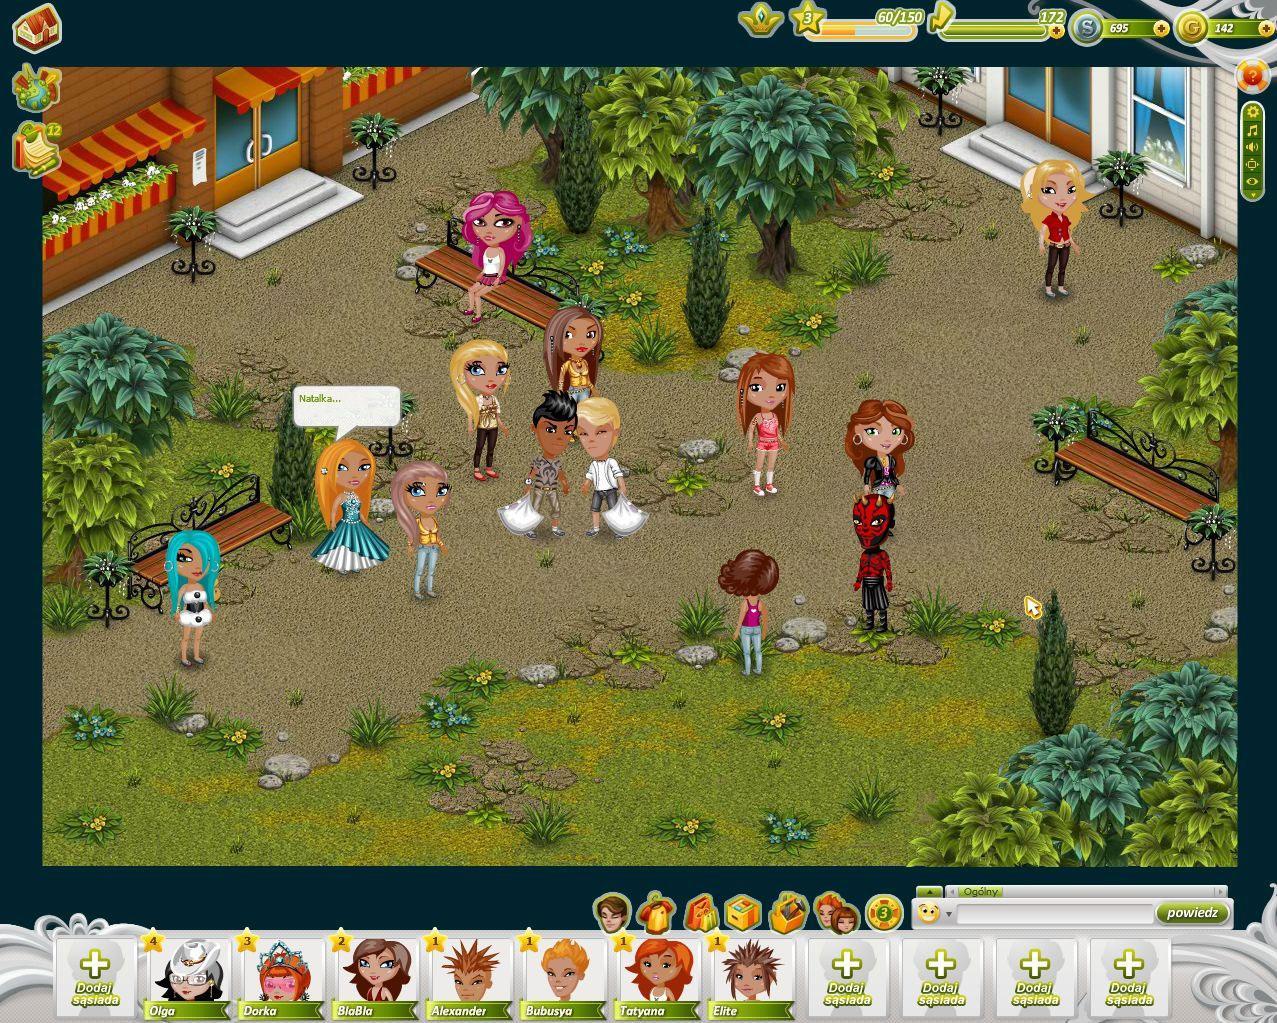 Avatar Spiele Online